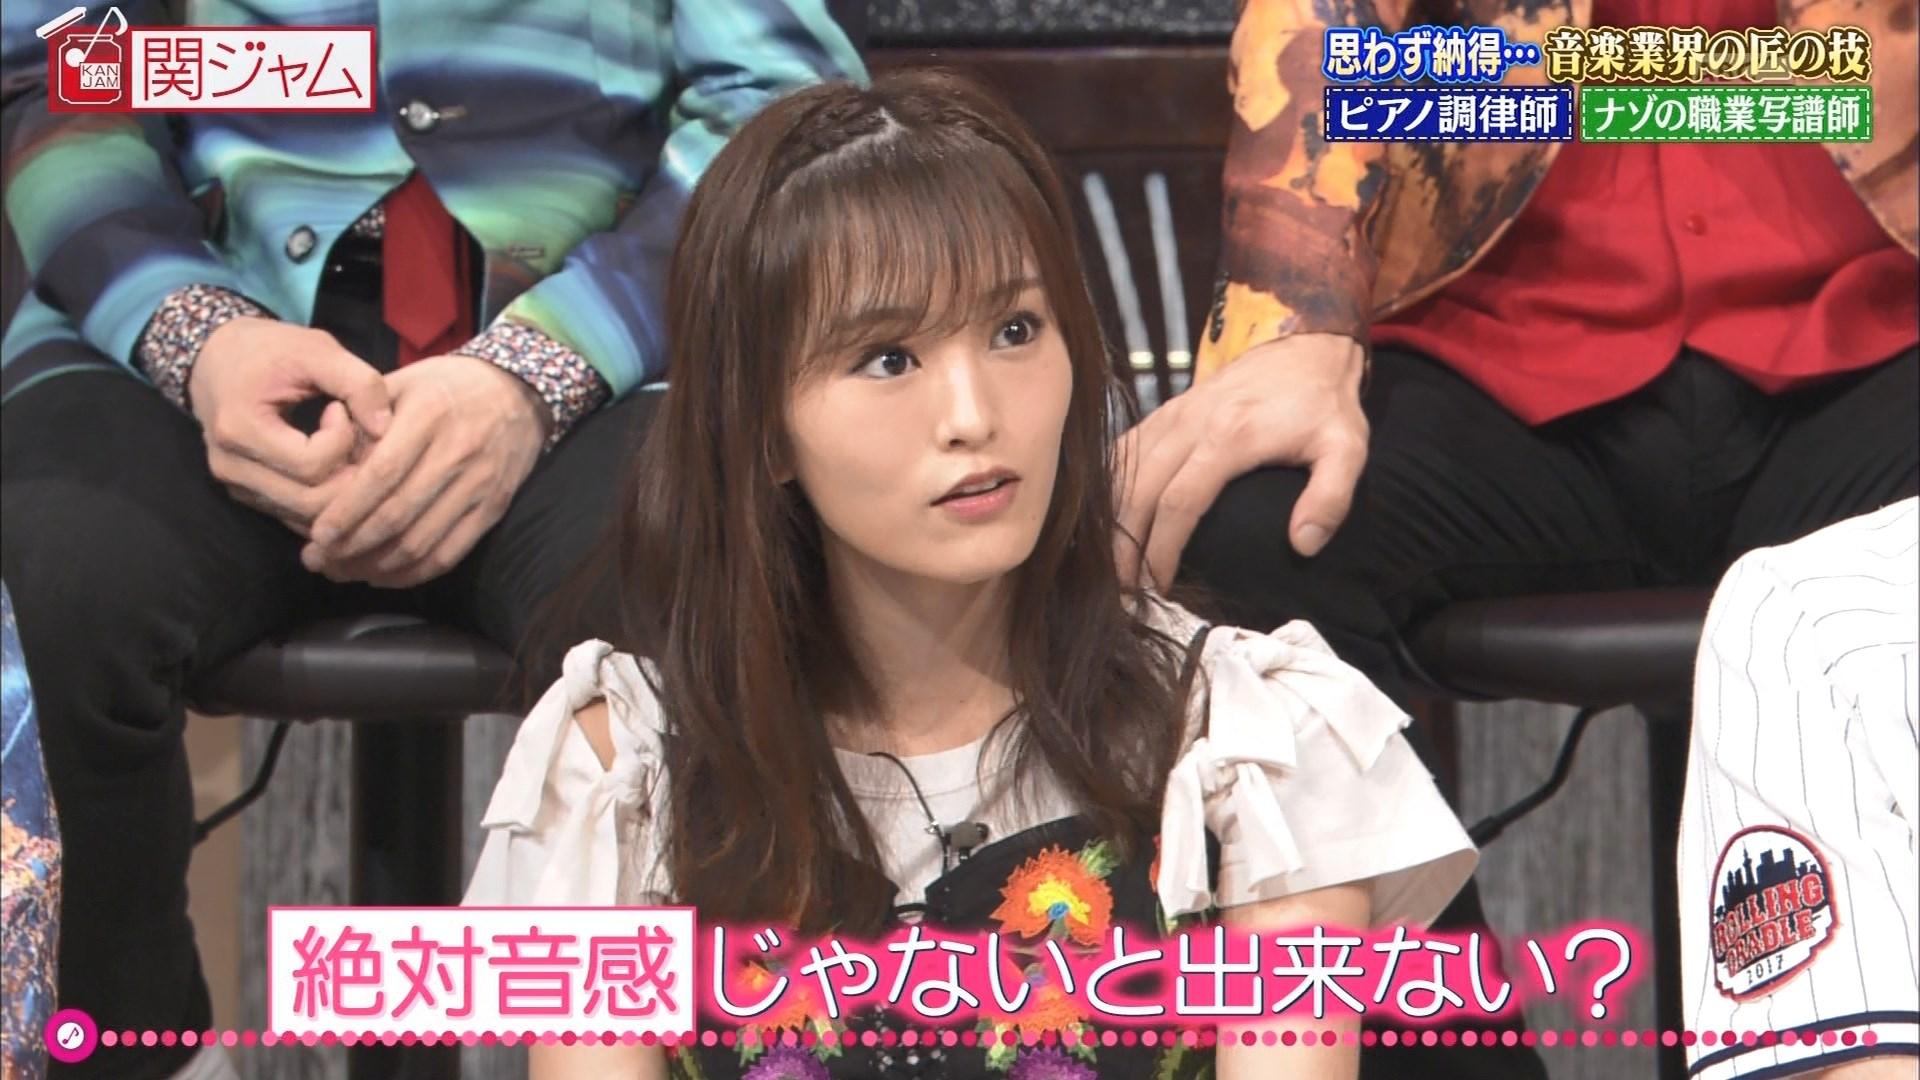 【山本彩】8月13日放送・さや姉出演「関ジャム完全燃SHOW」キャプ画像。